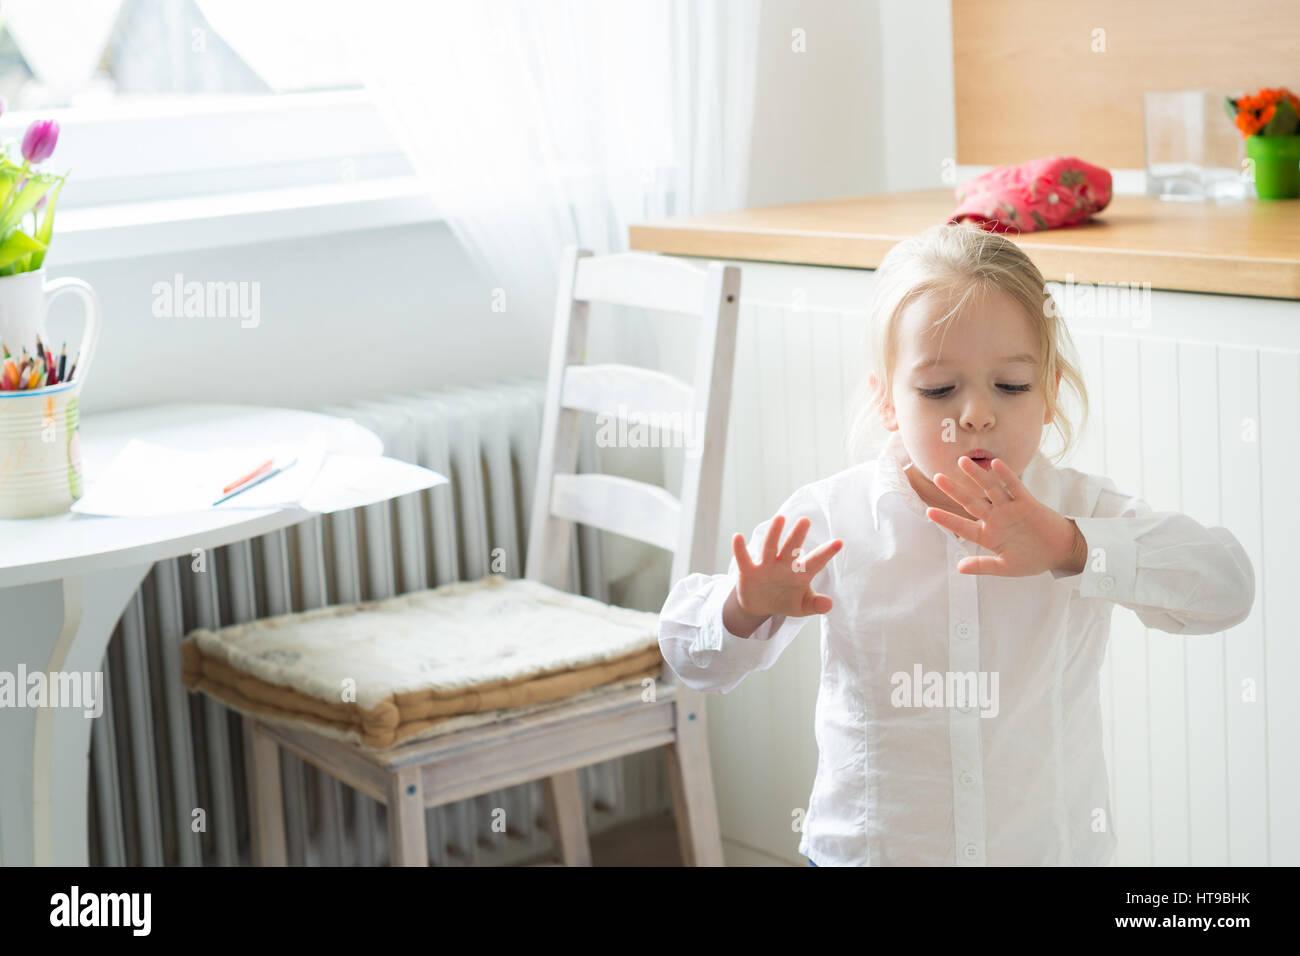 Petite fille essayant de sécher ses ongles fraîchement peint Photo Stock